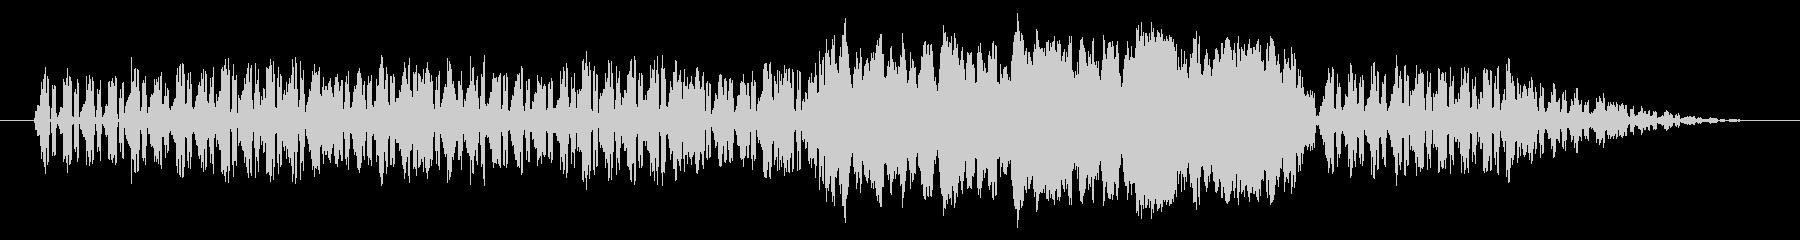 ノスタルジックなオルガン(白黒映画)の未再生の波形